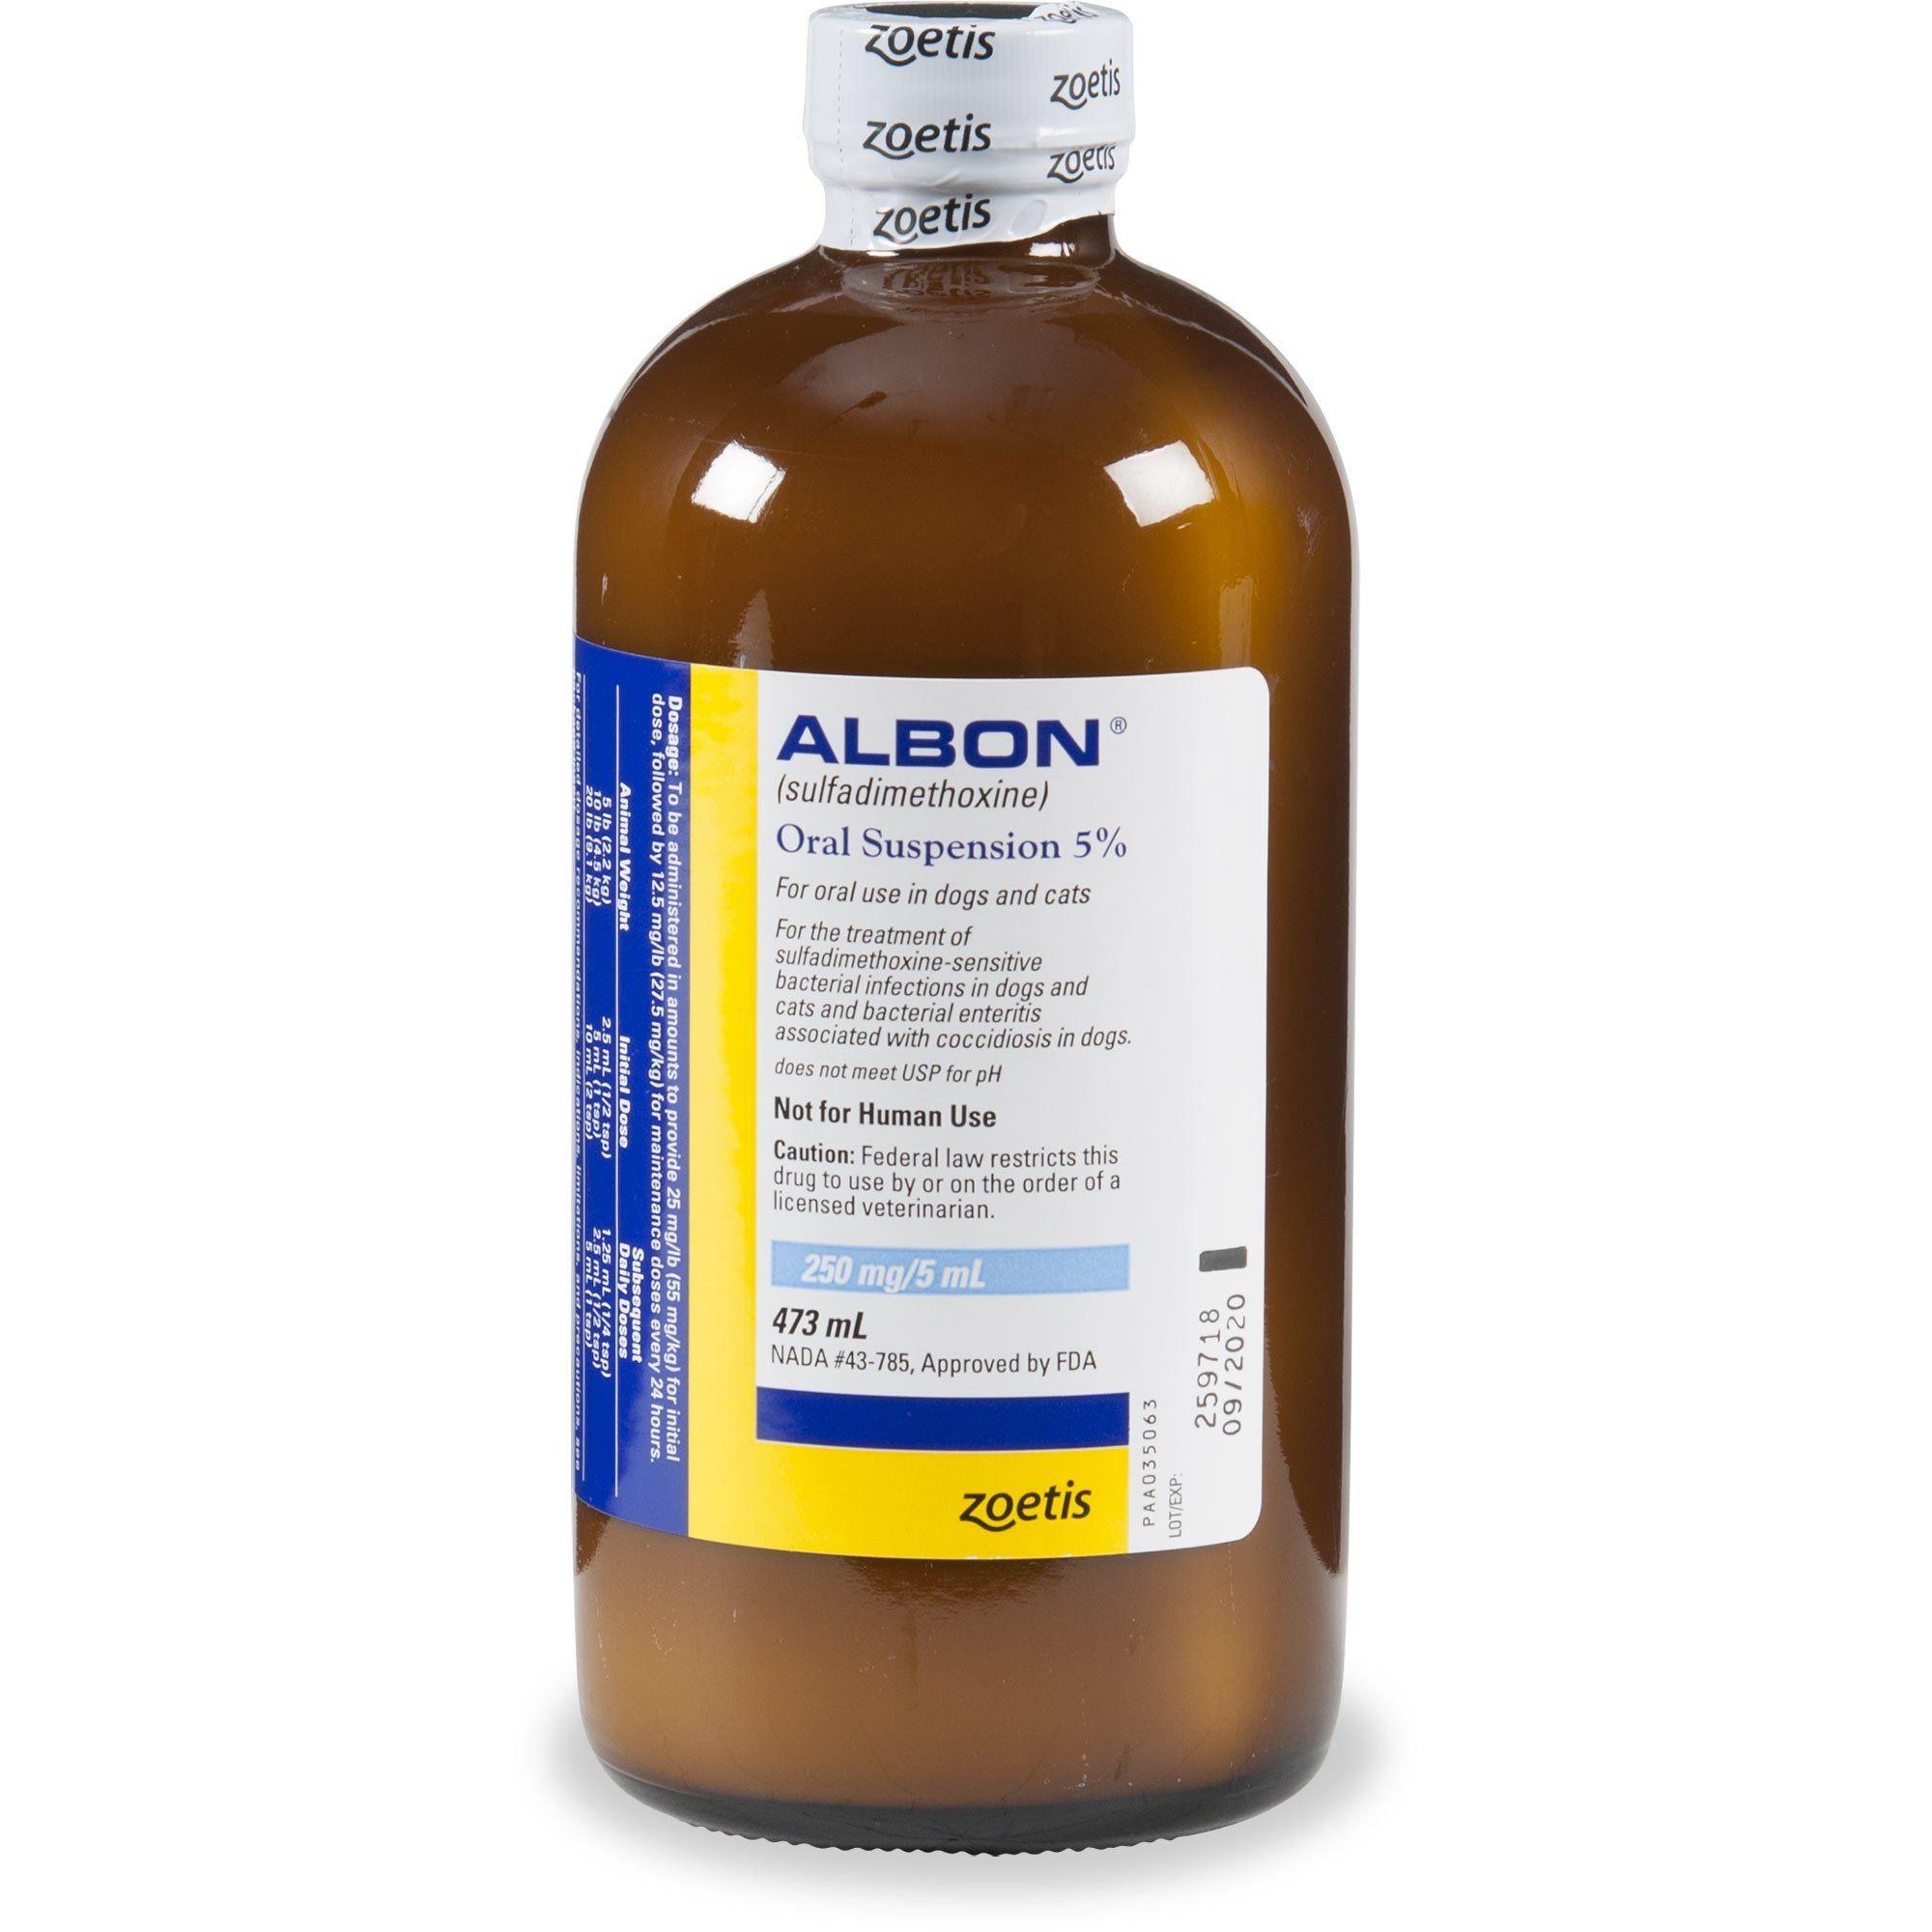 Albon Oral Suspension 16 Fl Oz Vet Clinics Wild Bird Food Drinking Water